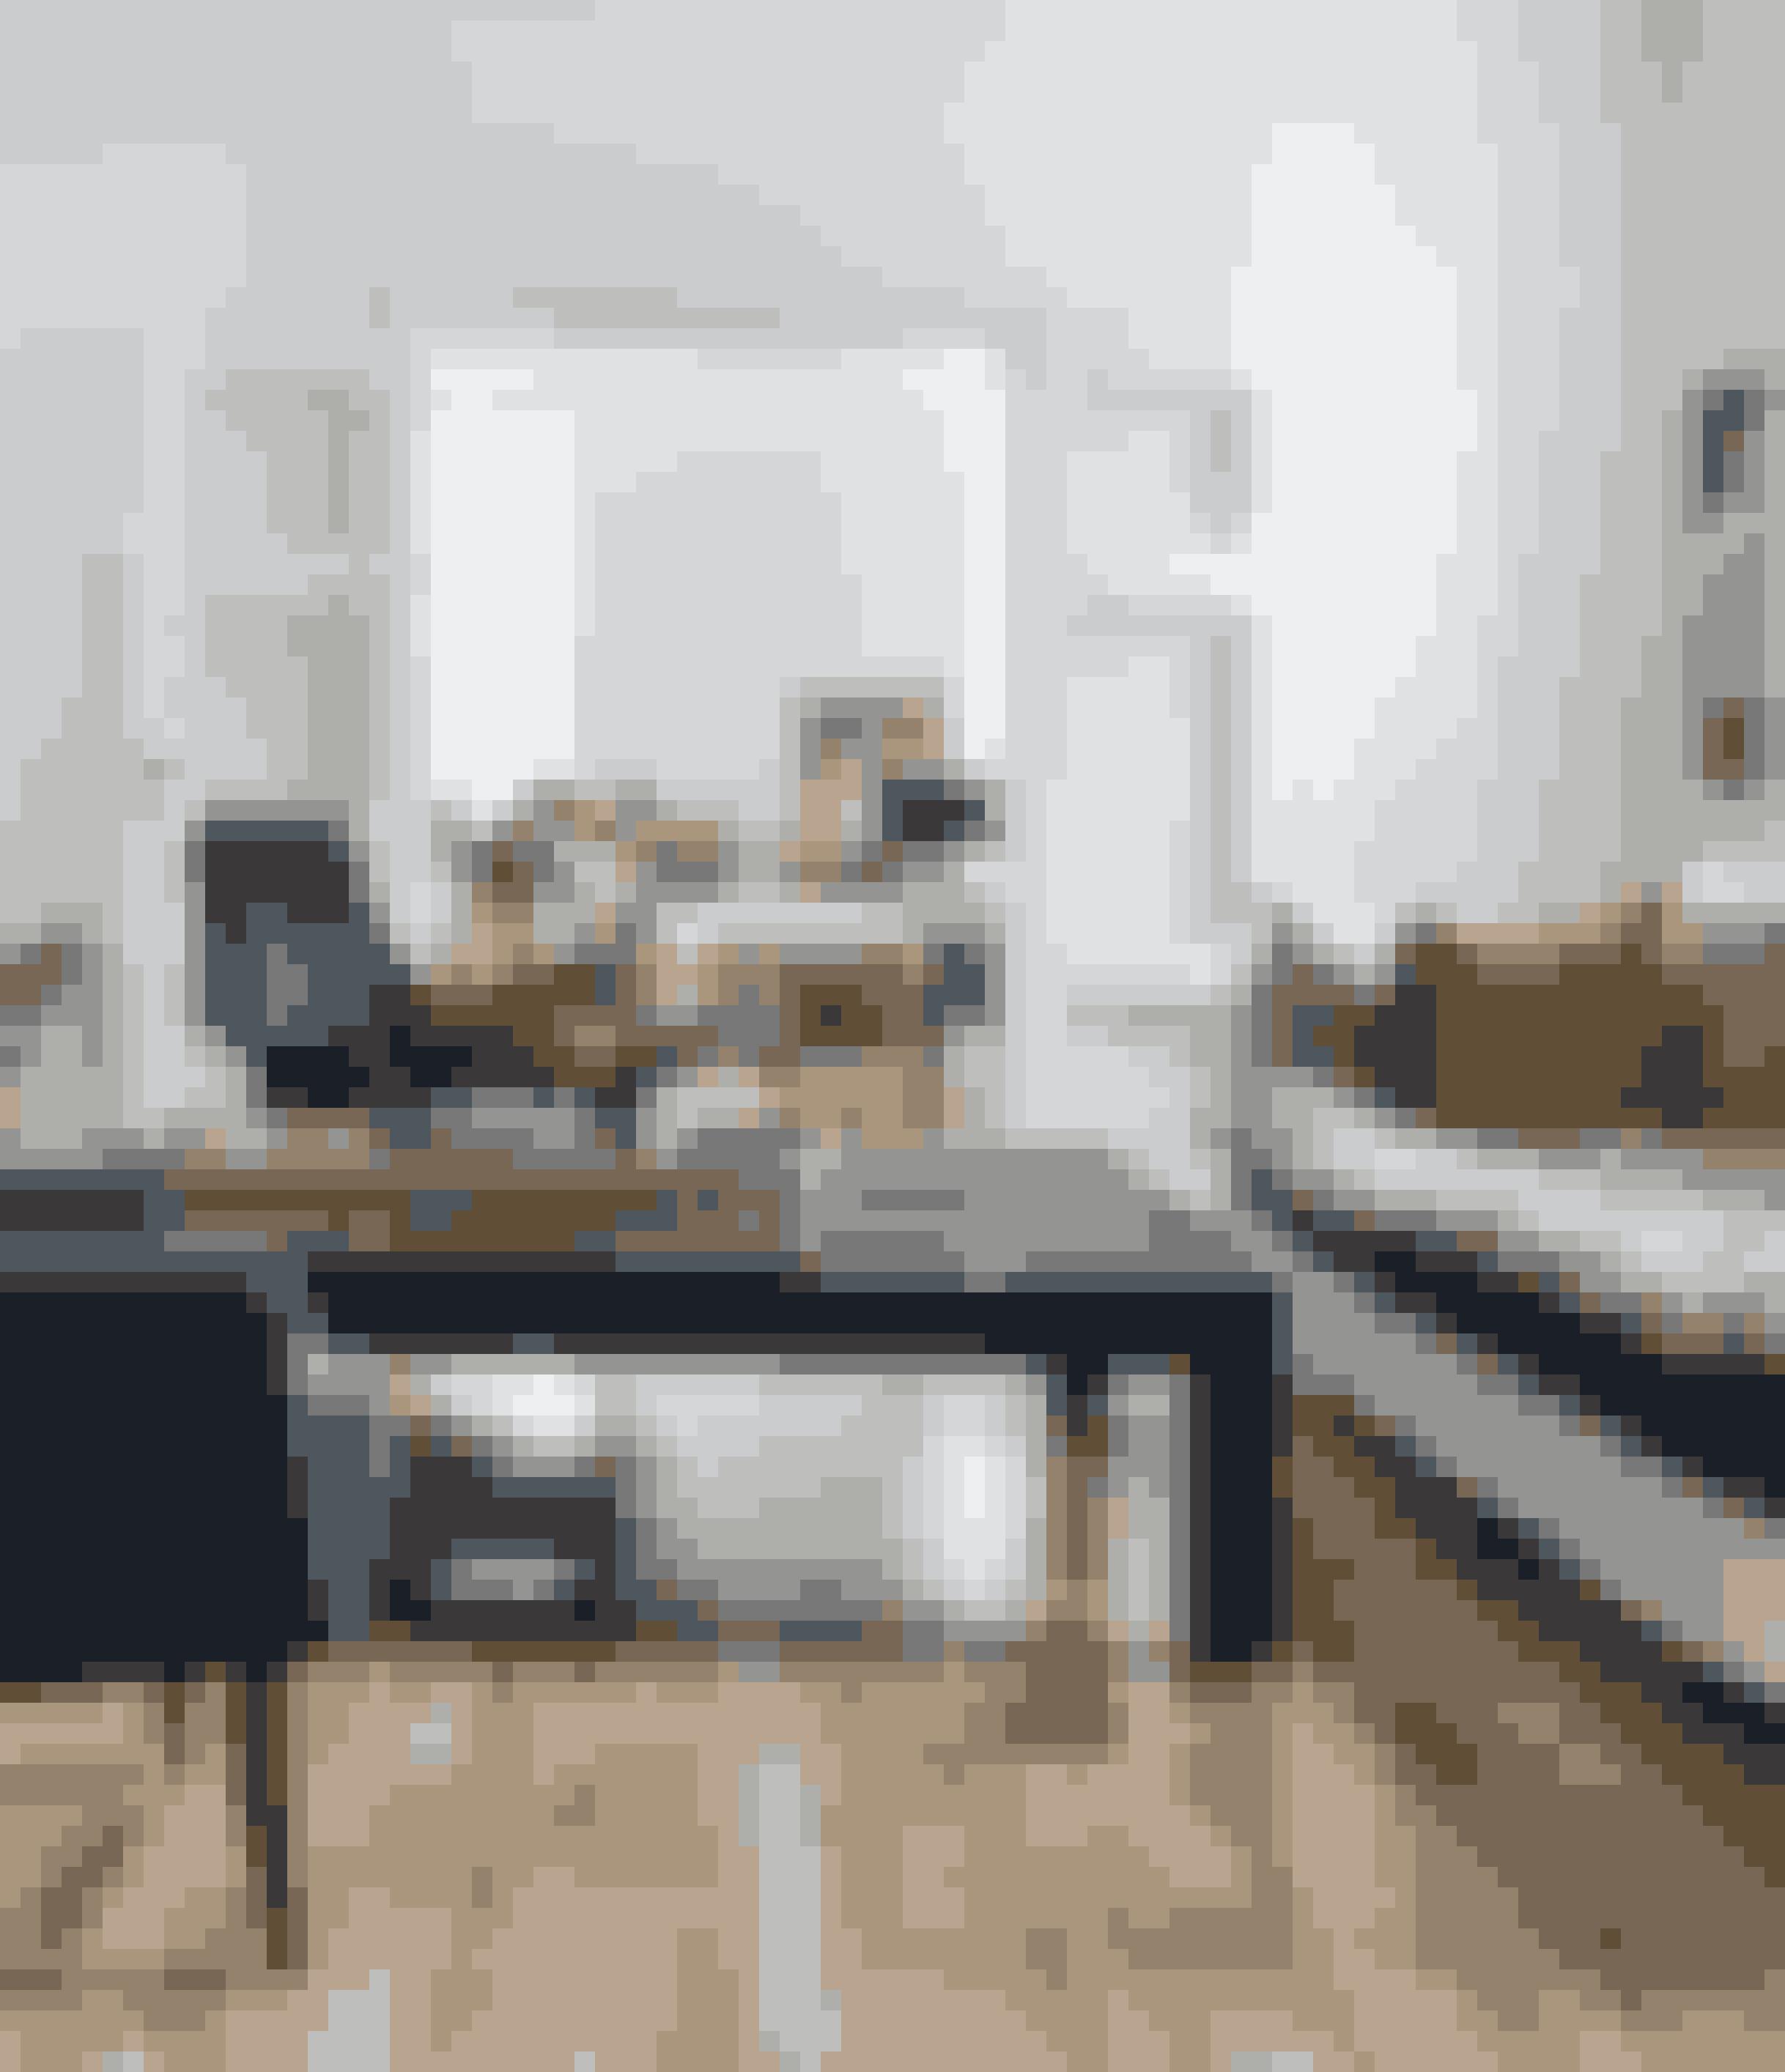 Med en kombination af møbler og tilbehør i forskellige stilarter og materialer kan du skabe en moderne 'ferie i det franske'-fornemmelse. Sofaen er fra franske Caravane, og modellen hedder Adar. Stolene Adam i velour er fra Gubi, og sofabordet er fra Ilva.